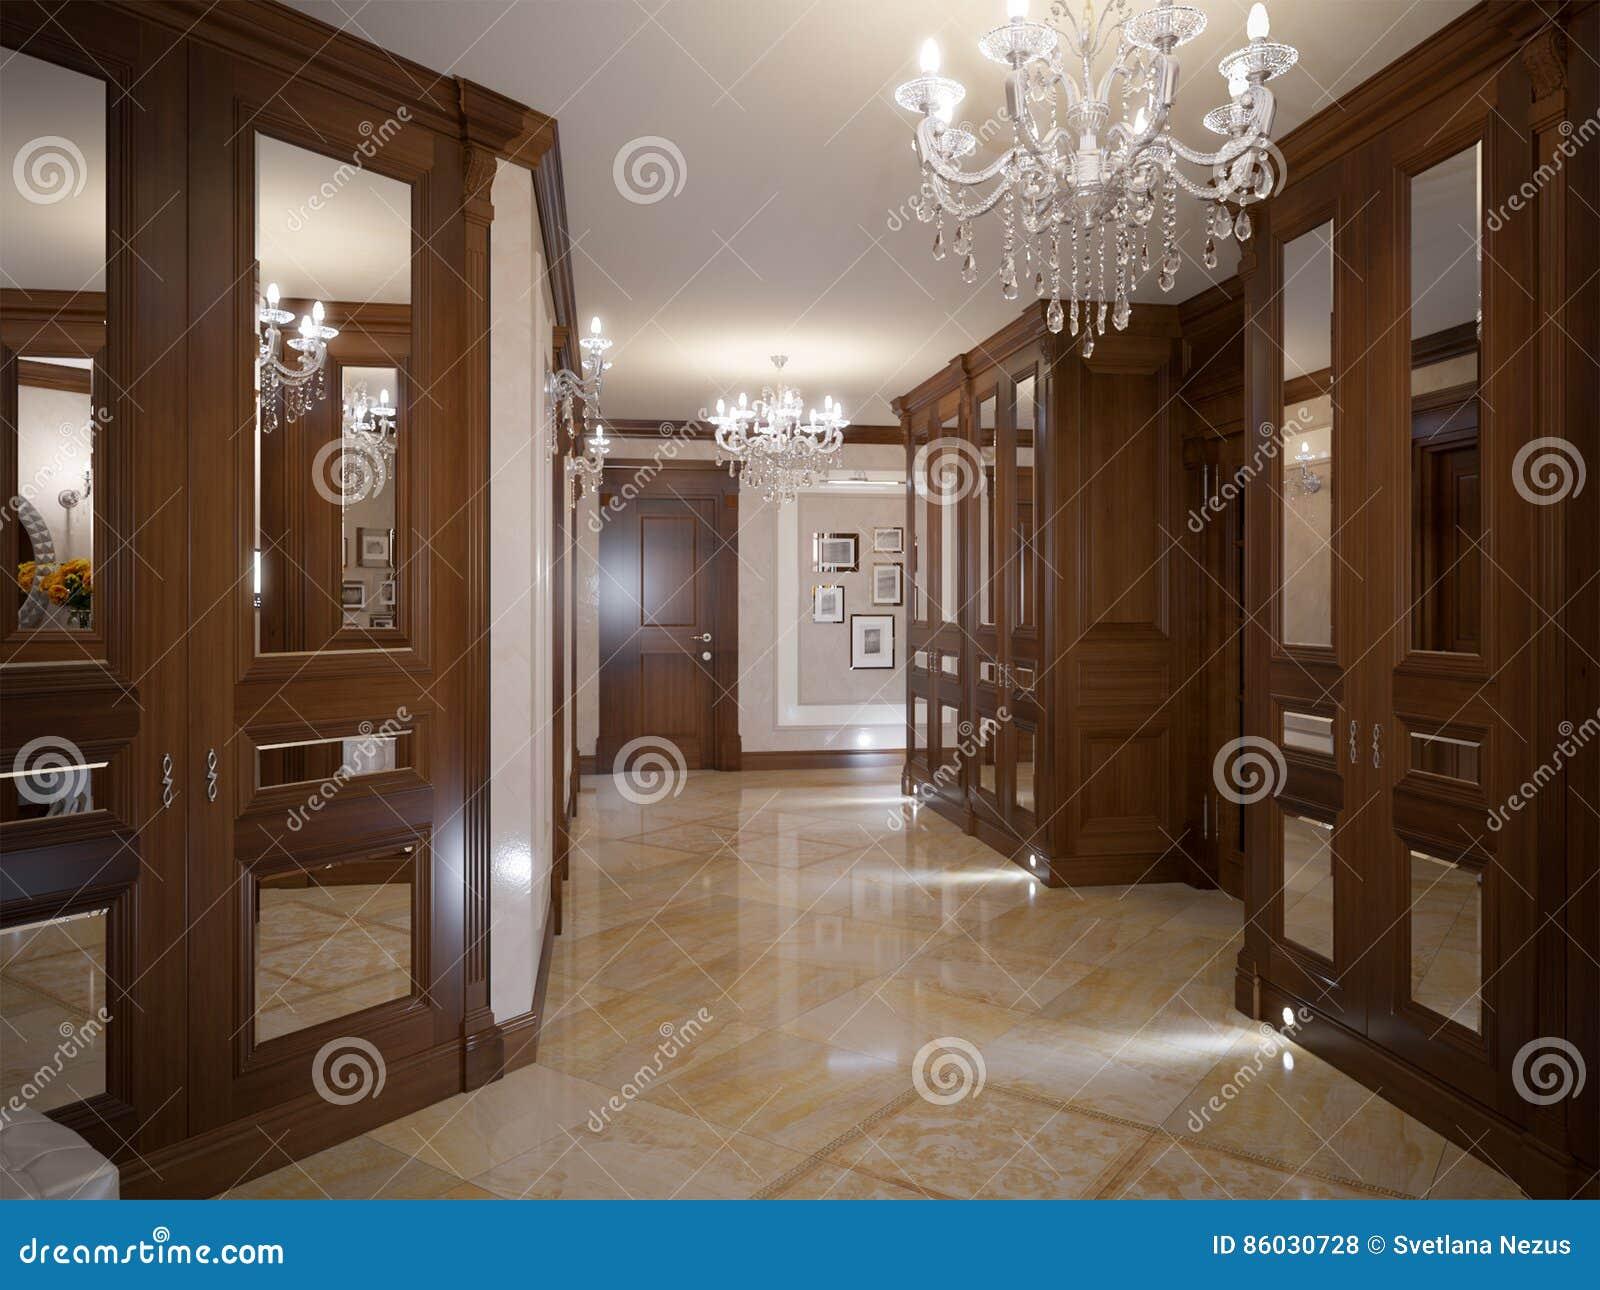 Innenarchitektur Halle elegante innenarchitektur der klassischen und luxuriösen halle